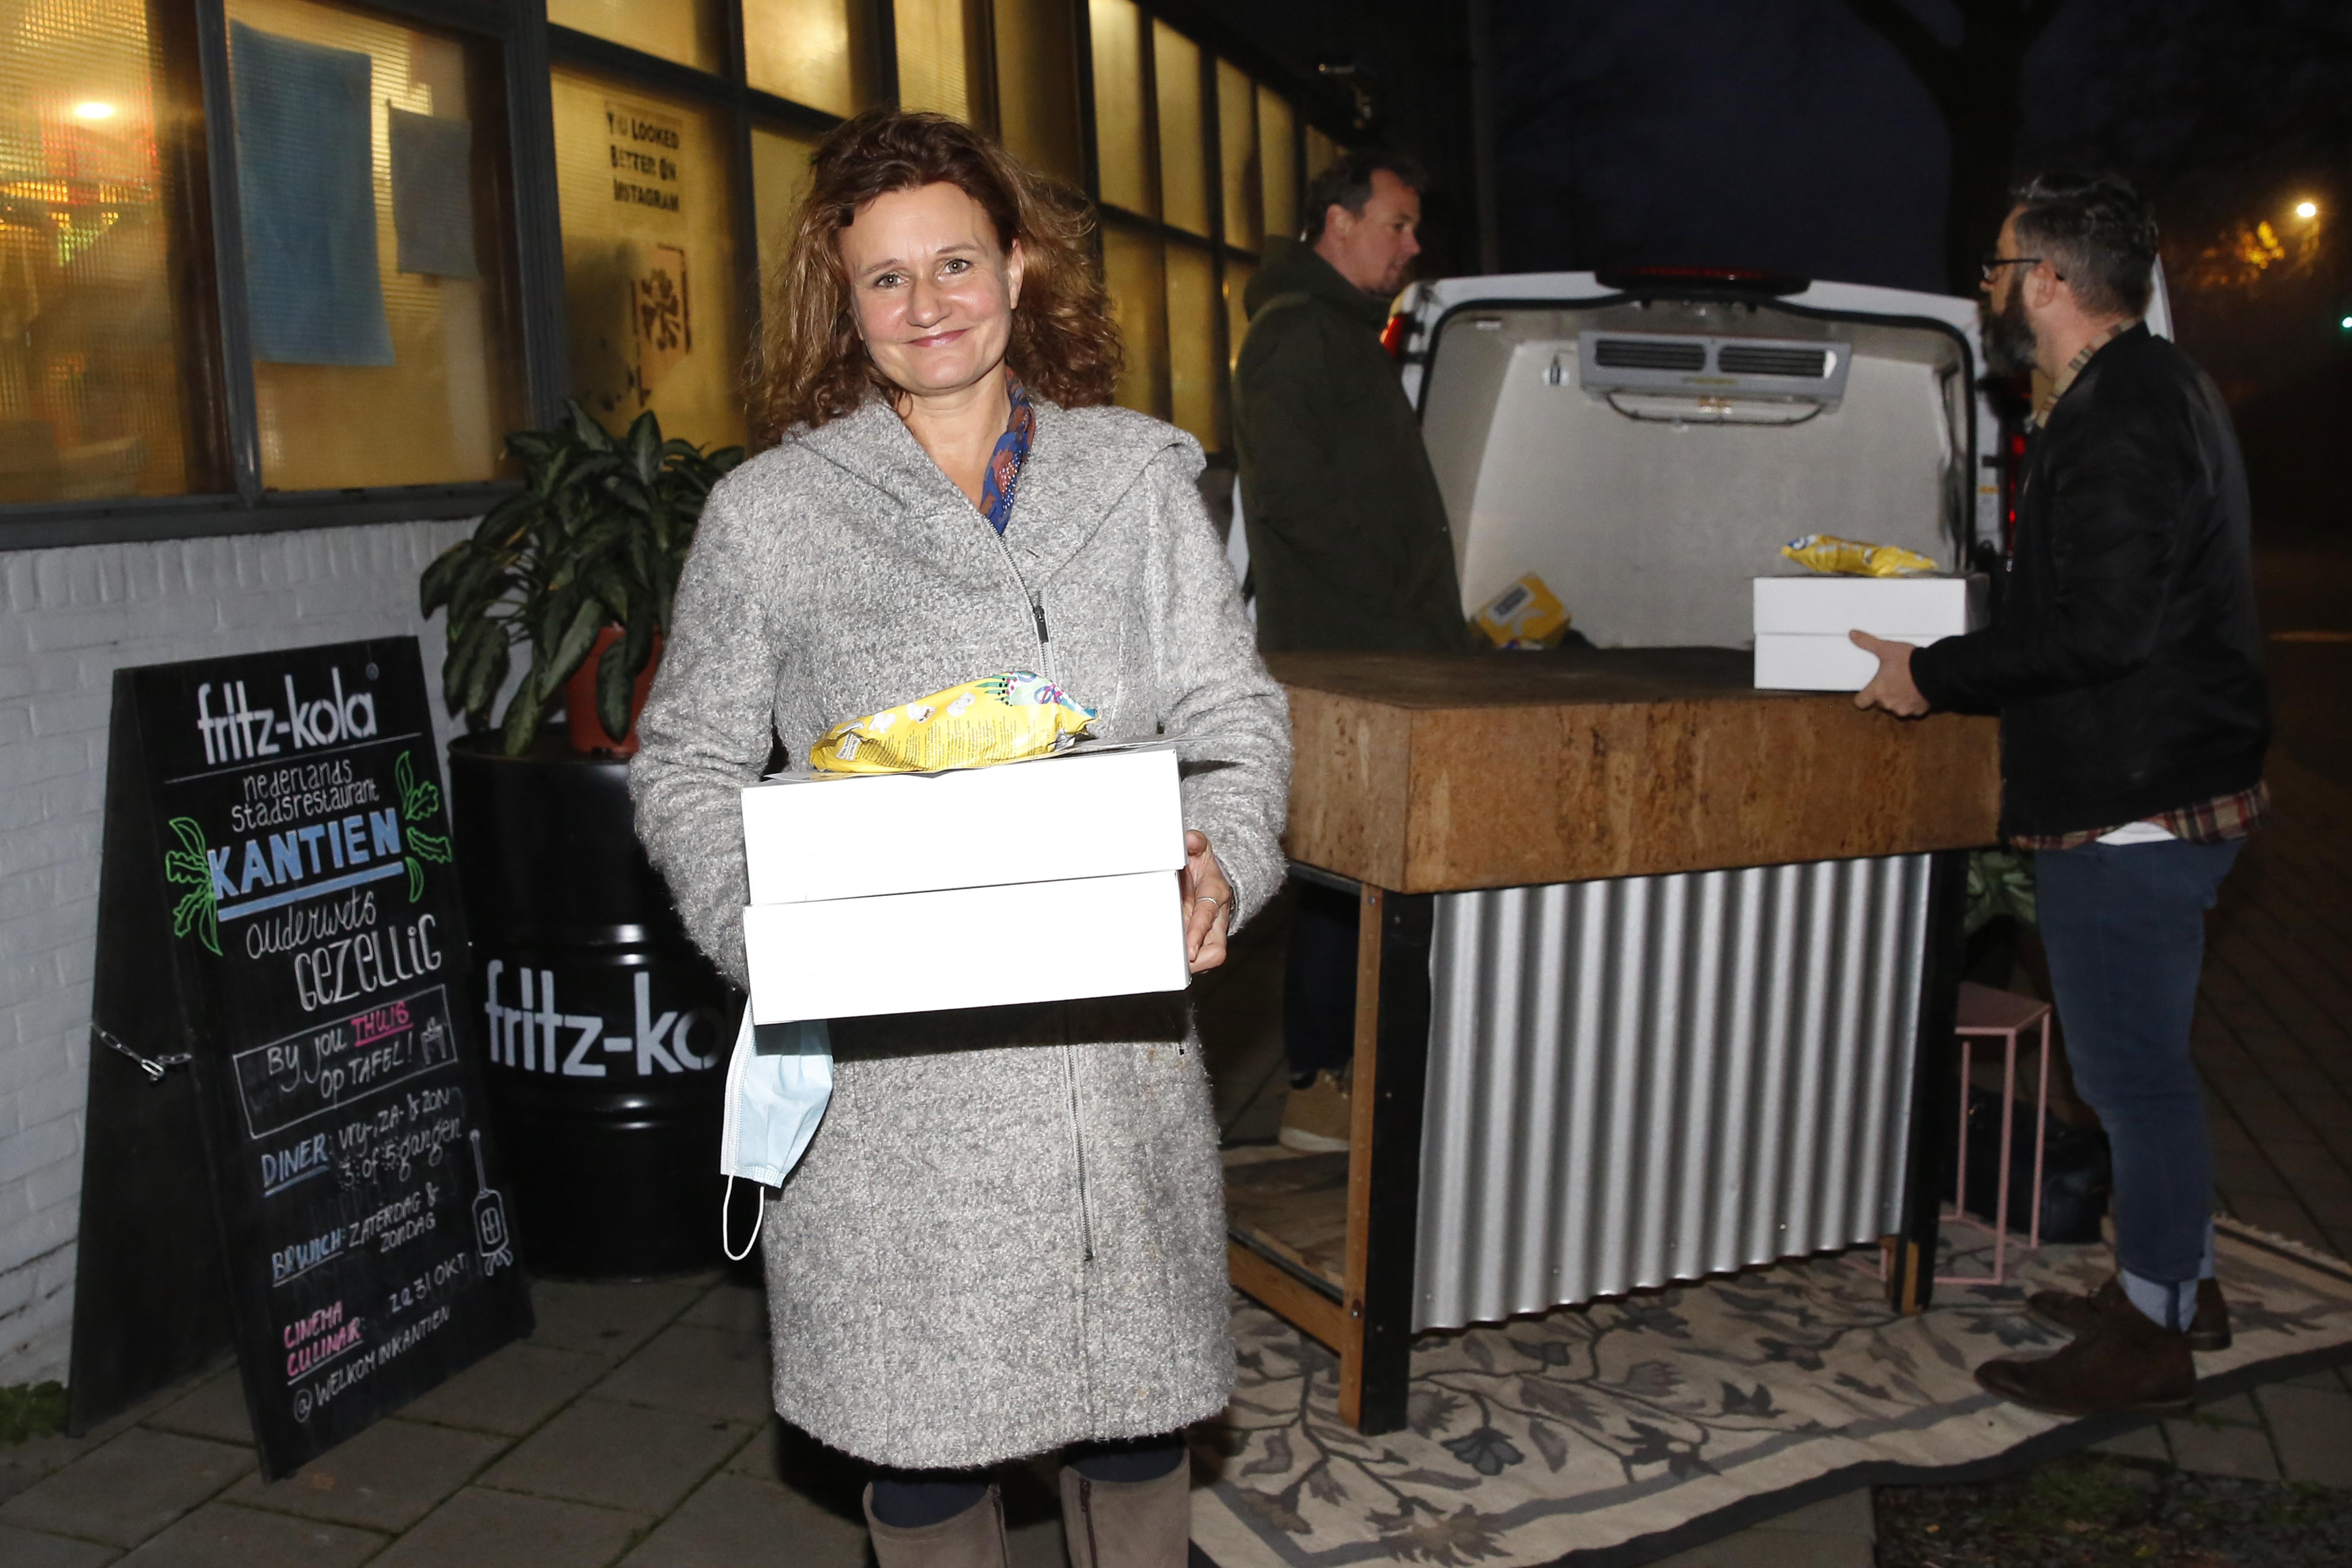 Iedereen wil smikkelen met de sterren. Eerste editie take-away van Cinema Culinair in Hilversum is doorslaand succes